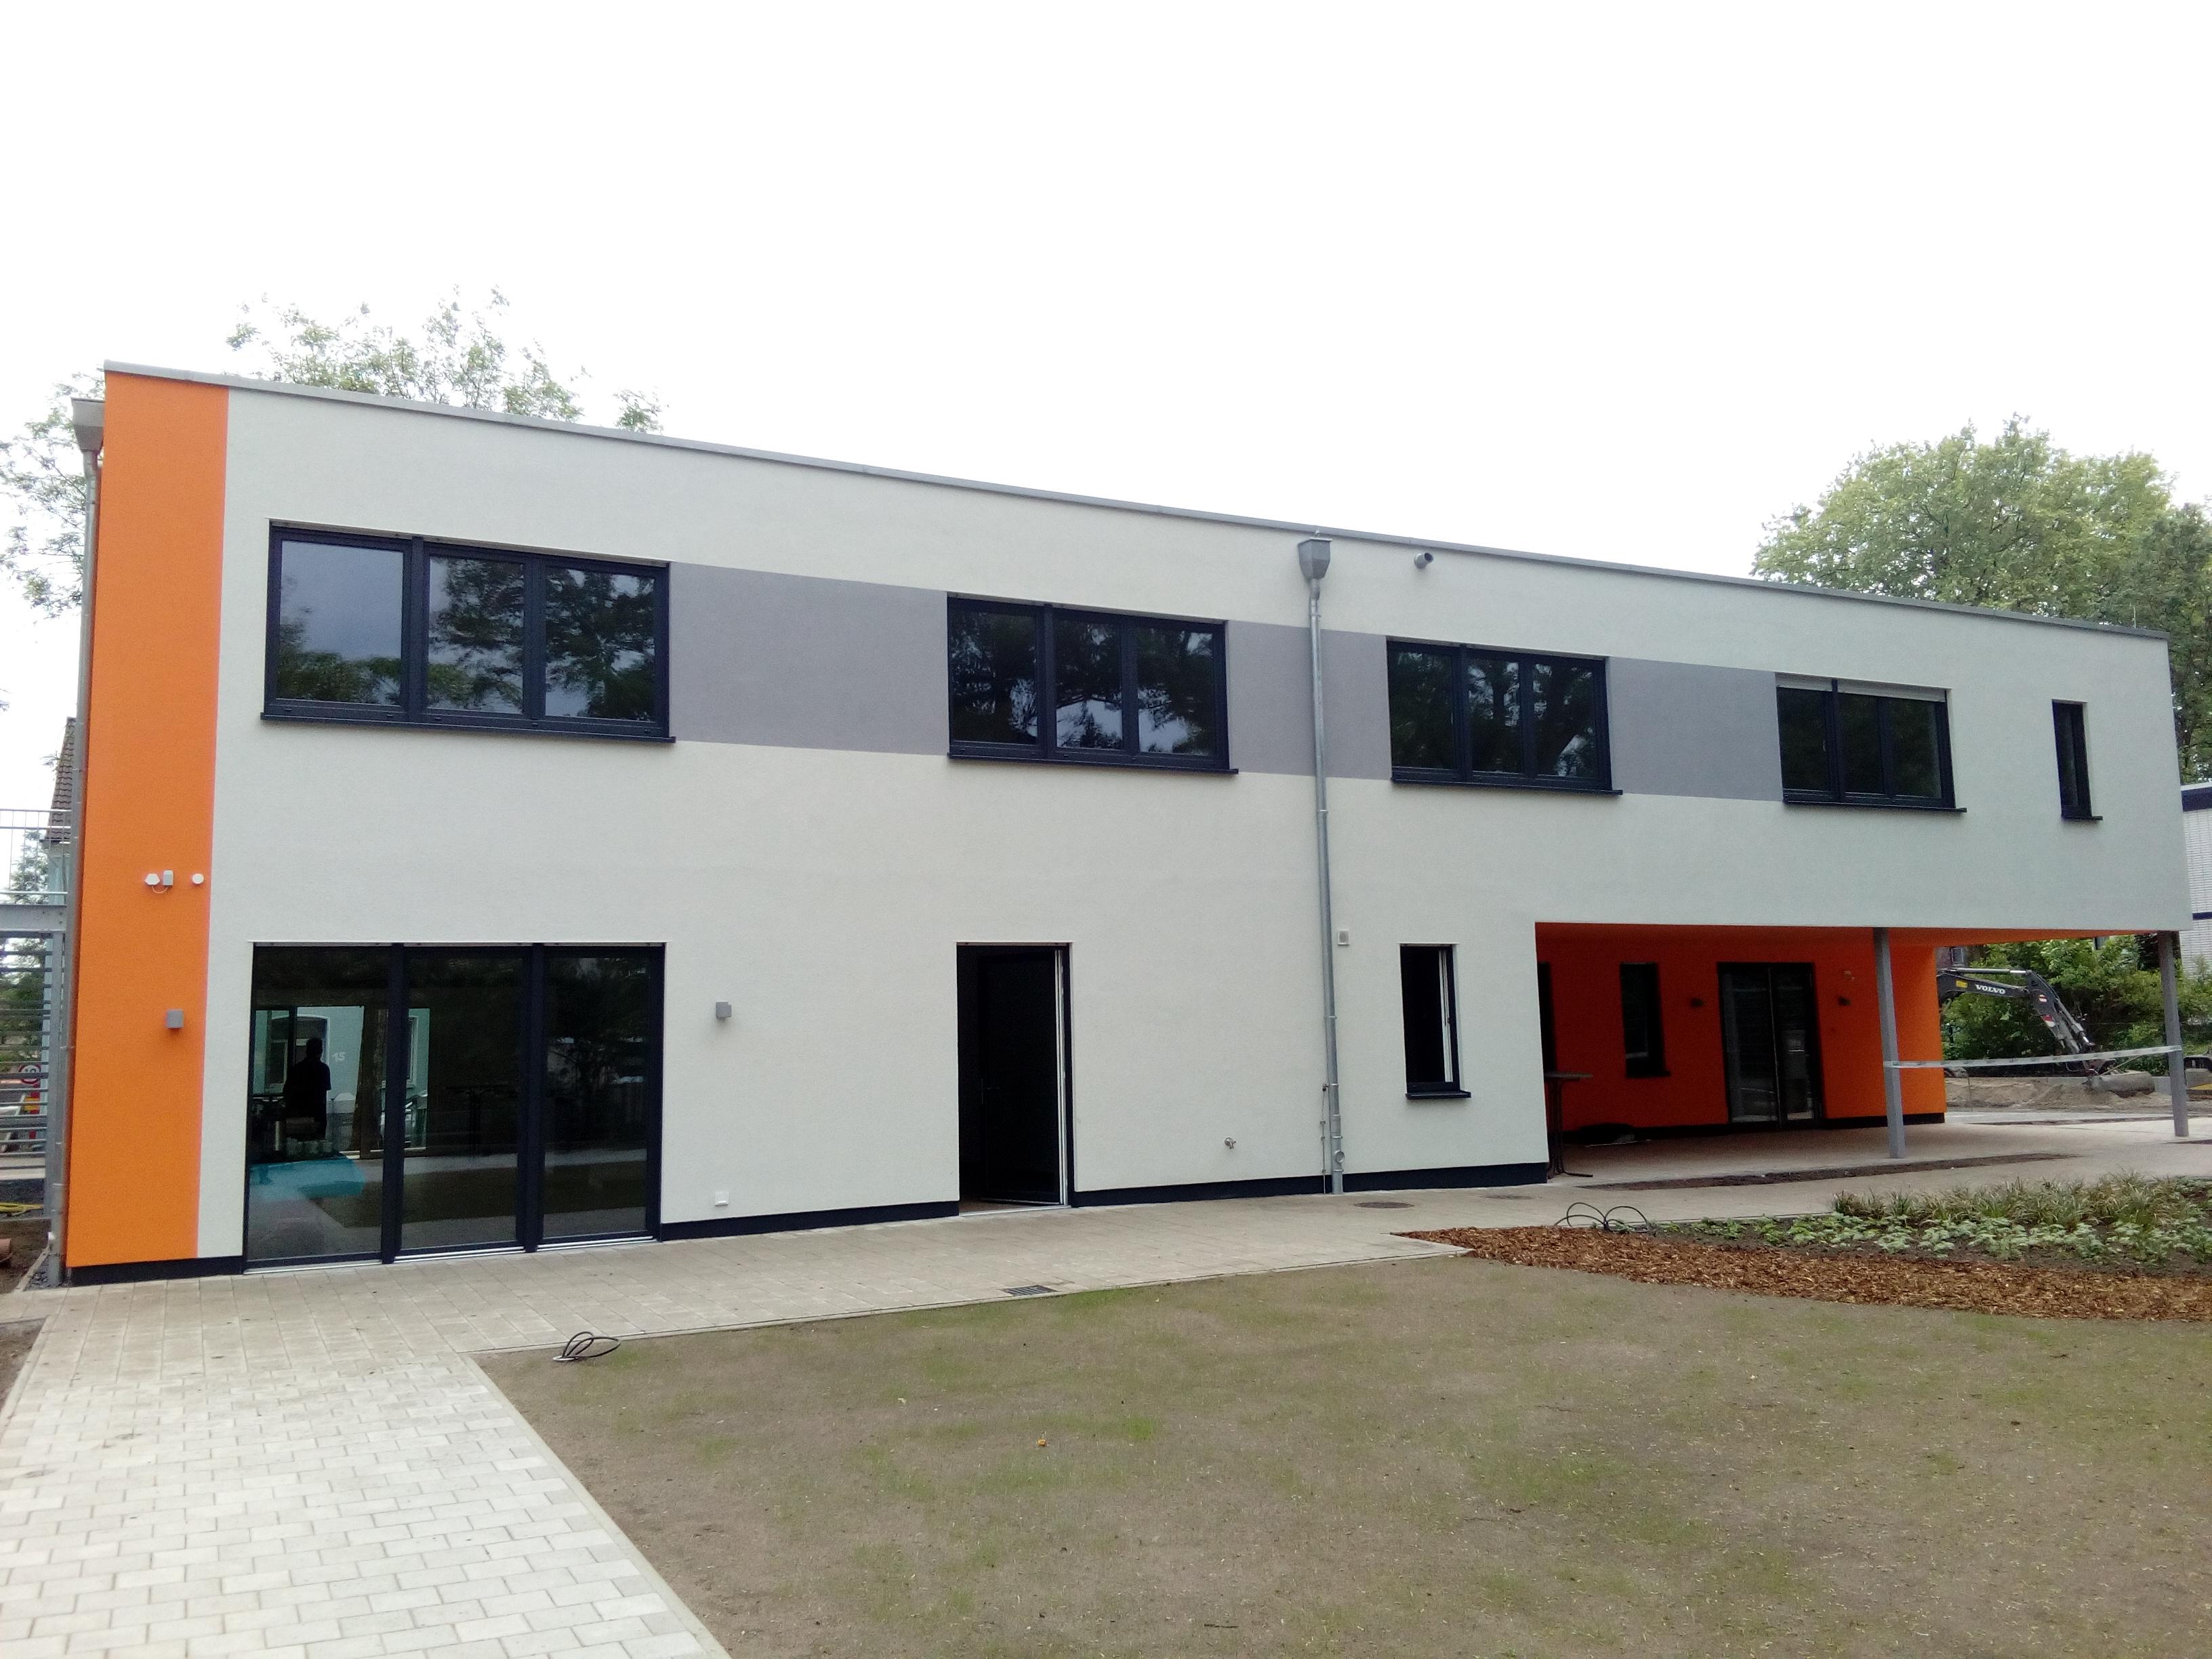 Villa Goy - Zweigeschossiger Wohnraum für an Demenz erkrankte Personen, ein Projekt der VBW Bochum